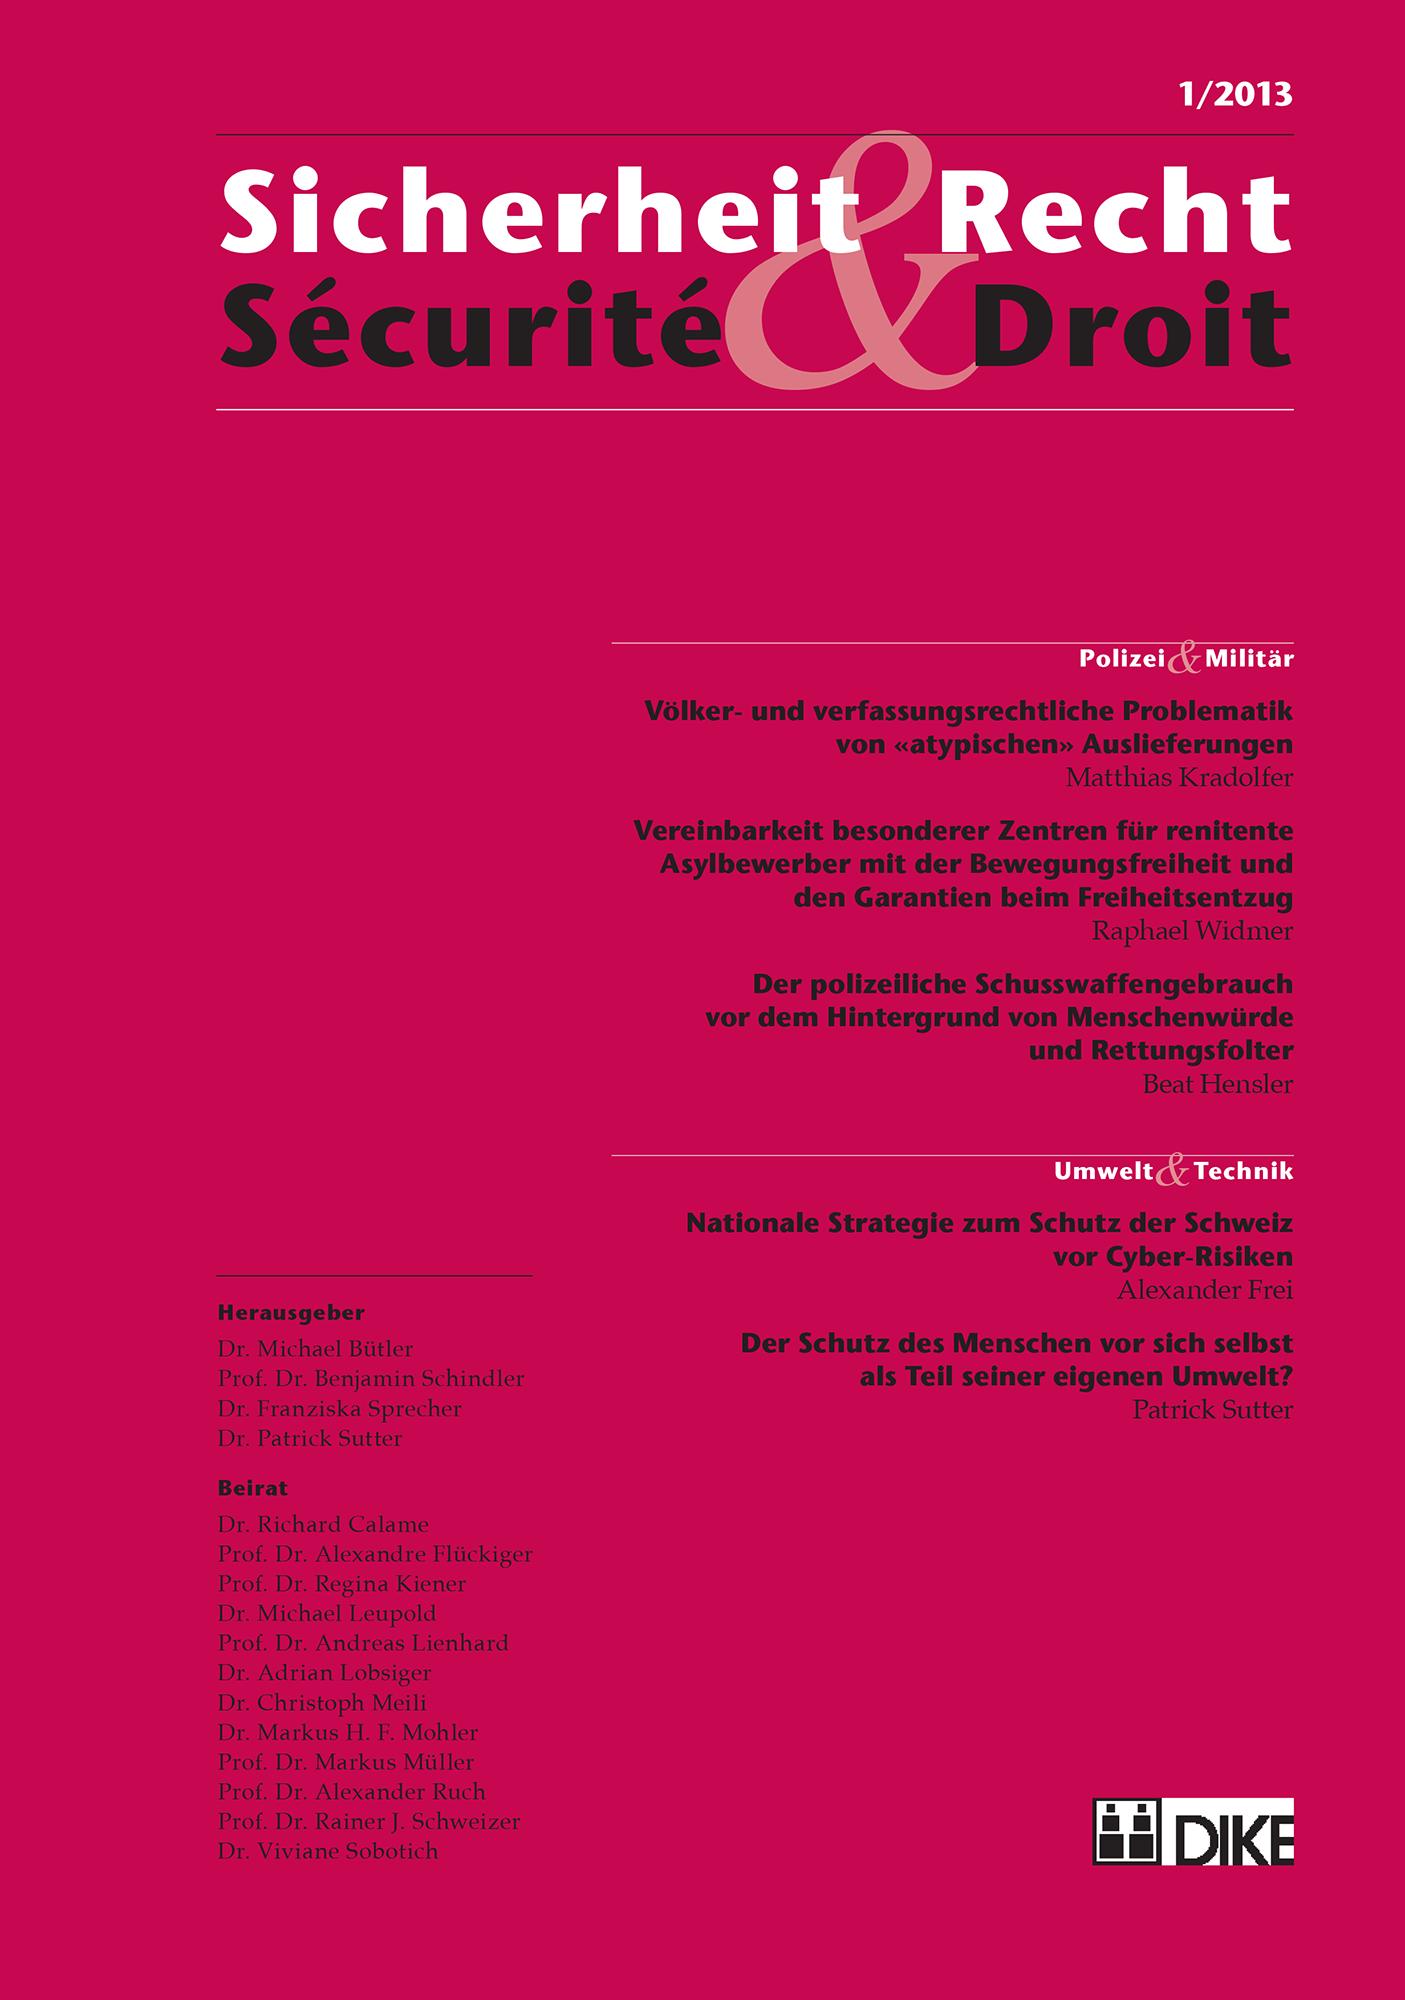 Sicherheit & Recht / Sécurité & Droit 01/2013